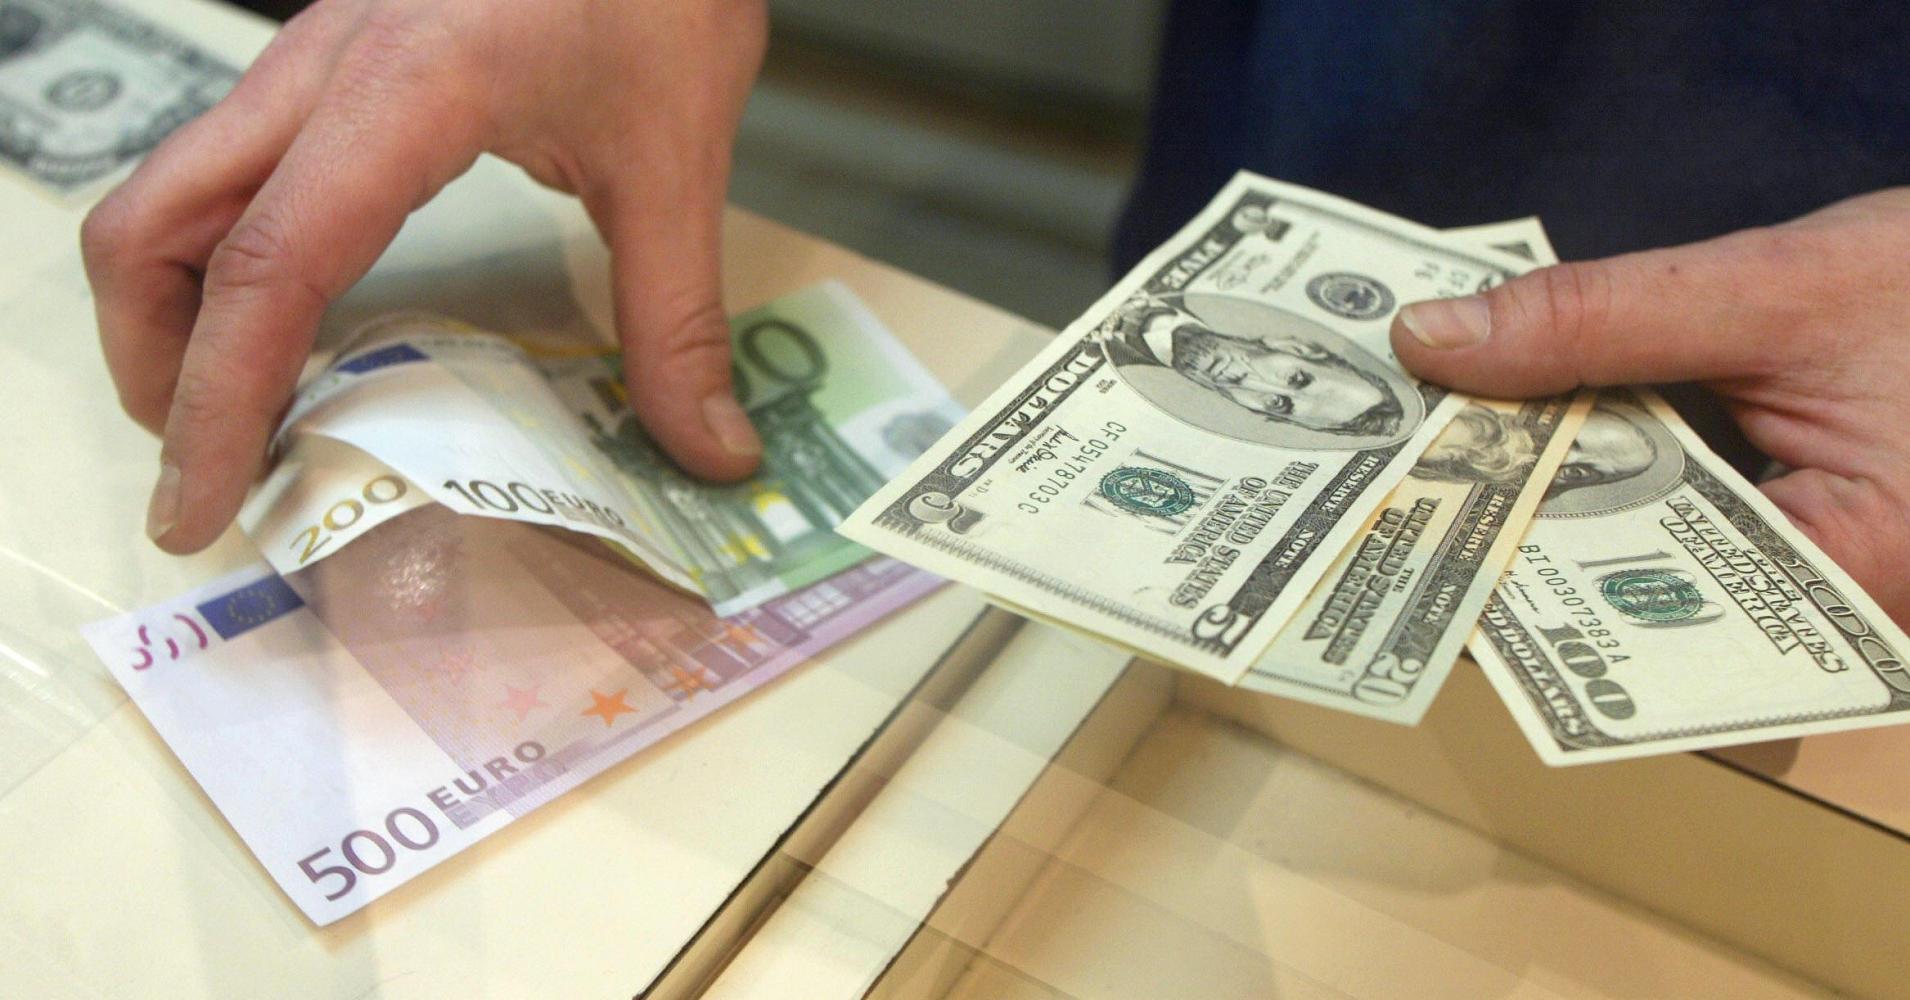 قیمت دلار و یورو امروز شنبه 21 دی 98/ دلار به 13 هزار تومان رسید